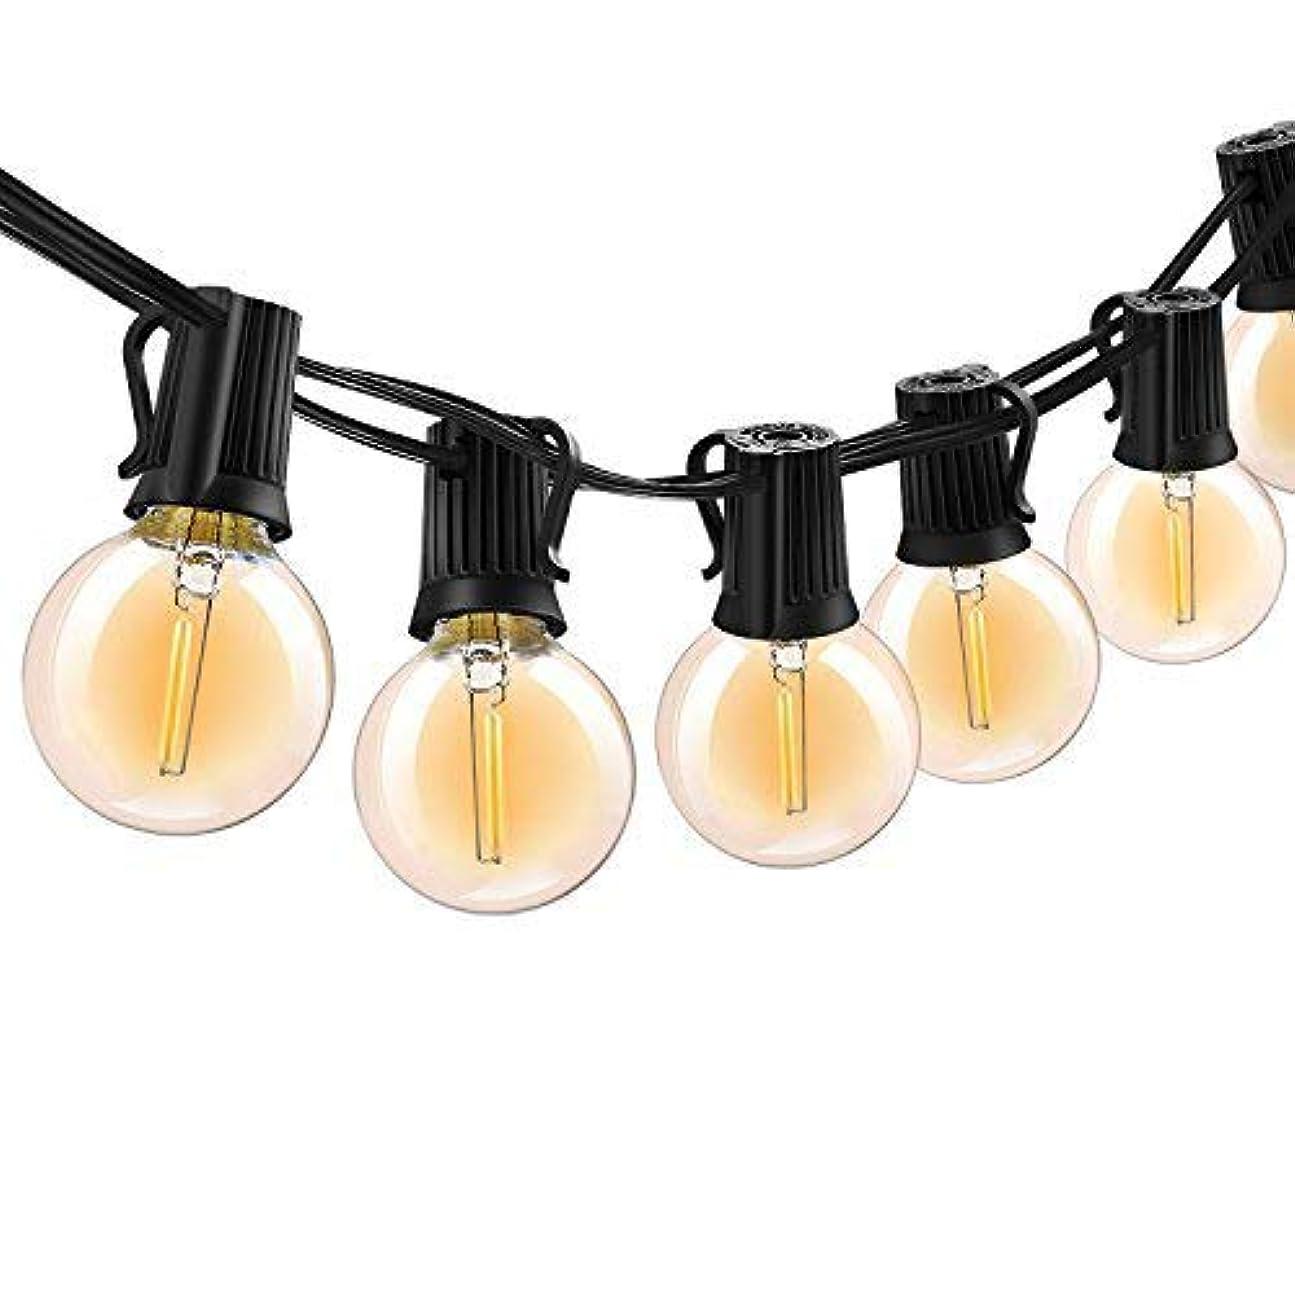 鰐教える失望ボンコシ ?LEDストリングライト 防雨型 E17ソケット10個 LED電球*12個 5.5M 連結可能 イルミネーションライト 2700k 電球色相当 クリスマス 結婚式 パーティー電飾